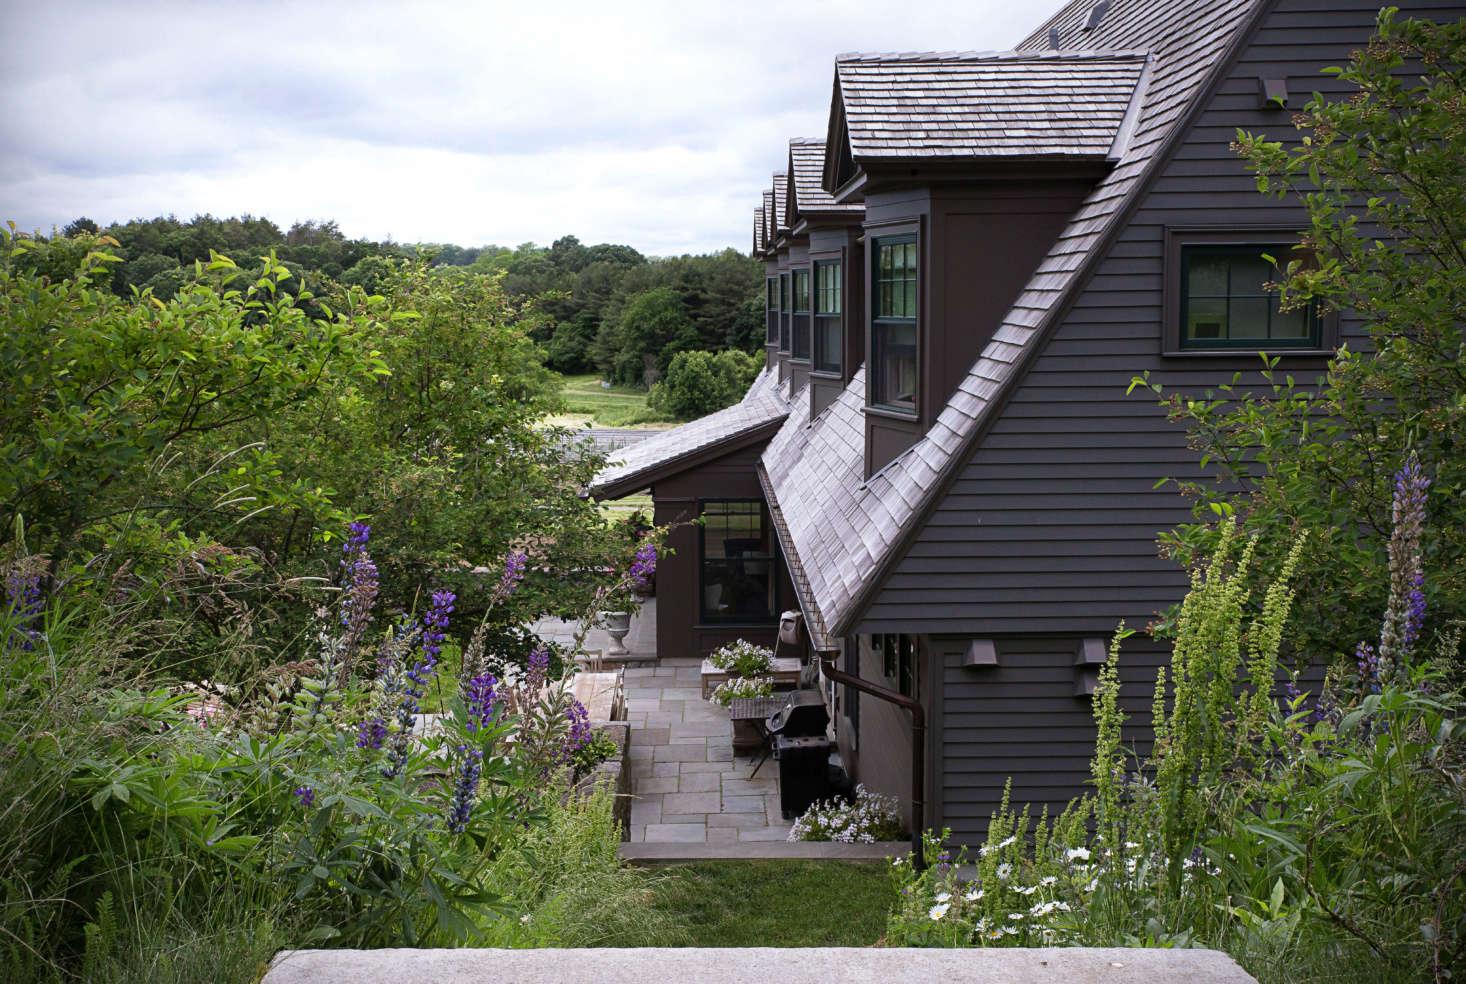 草坪上的草坪是从花园里看到的——从整个地方,从——从整个建筑和土地上看到的是最美的地方。这块地方是天然的天然的天然木线。包括白色的……拉什·拉什,包括拉皮,拉普兰·杨,包括棕皮草,以及紫檀素。